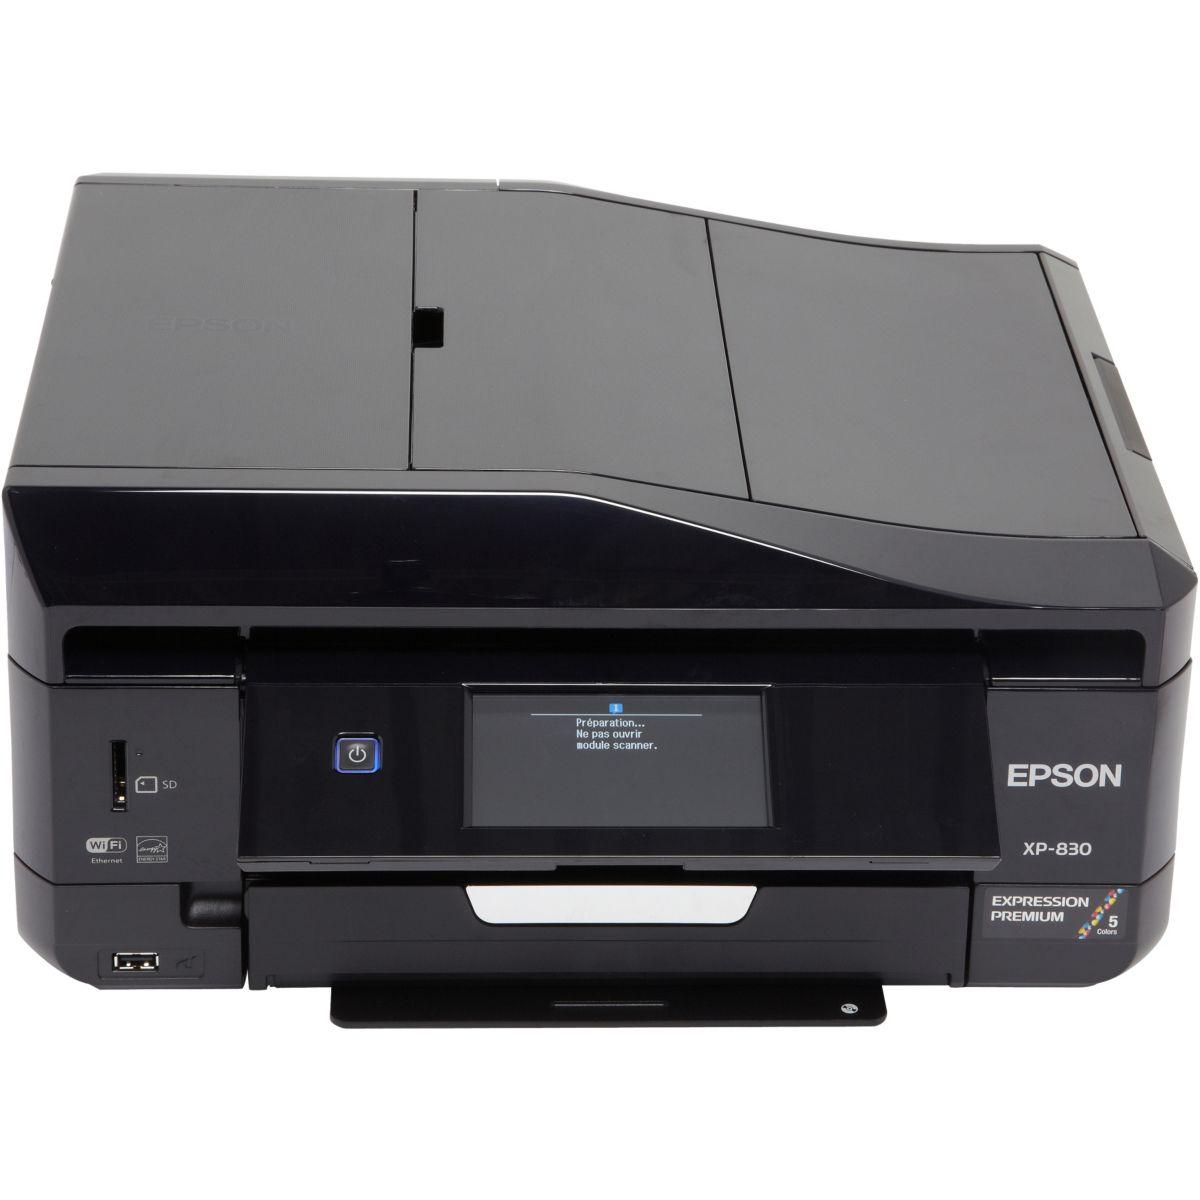 Imprimante jet d'encre epson xp 830 (photo)